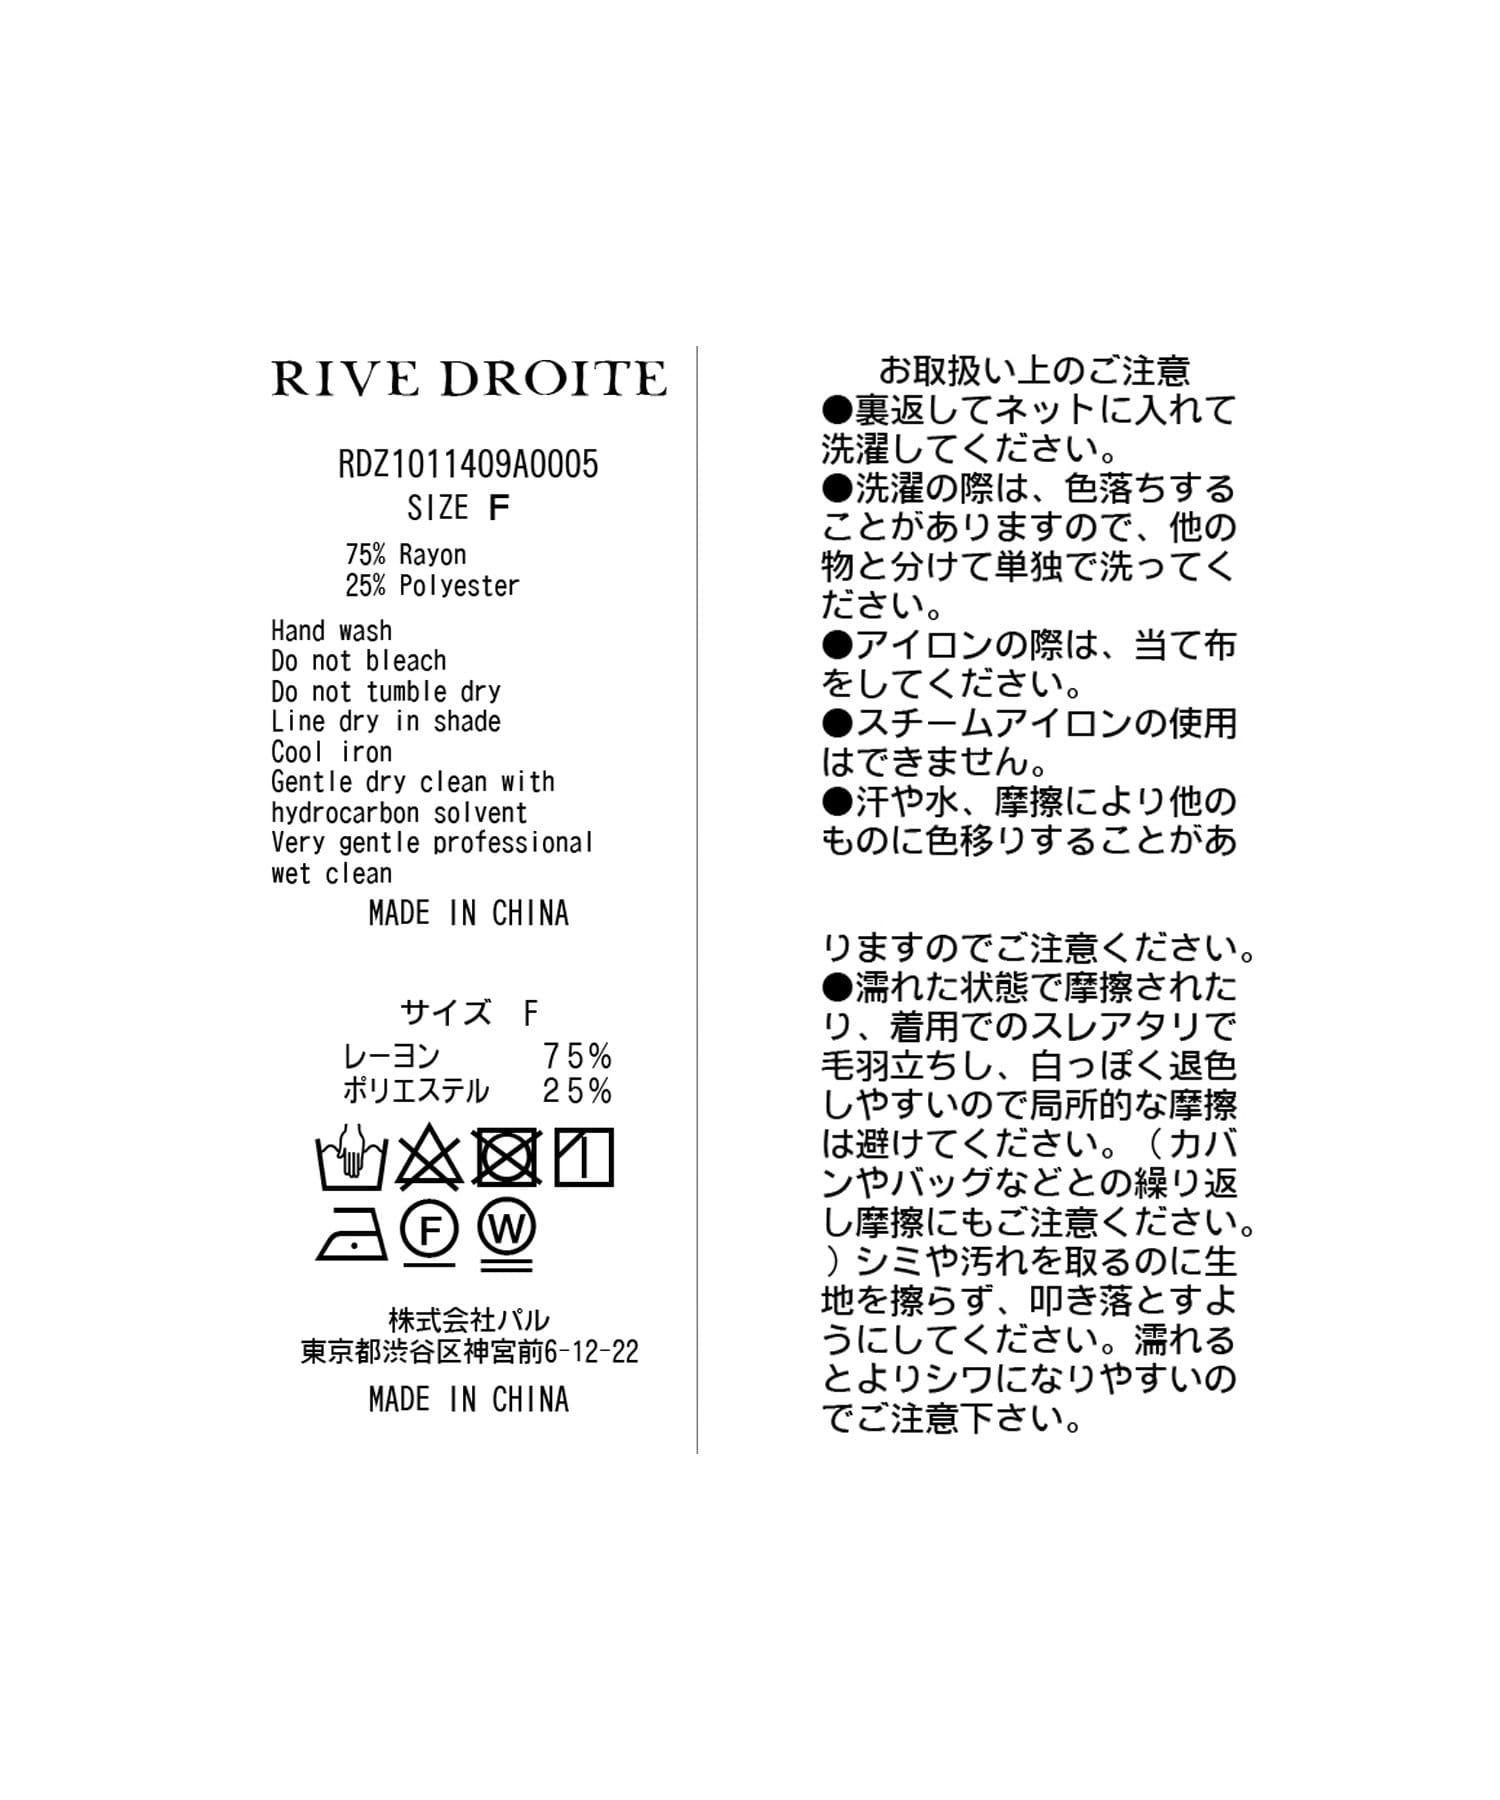 RIVE DROITE(リヴドロワ) 【動画付き《心地良い着用感》】リラックスフィブリルテントワンピース